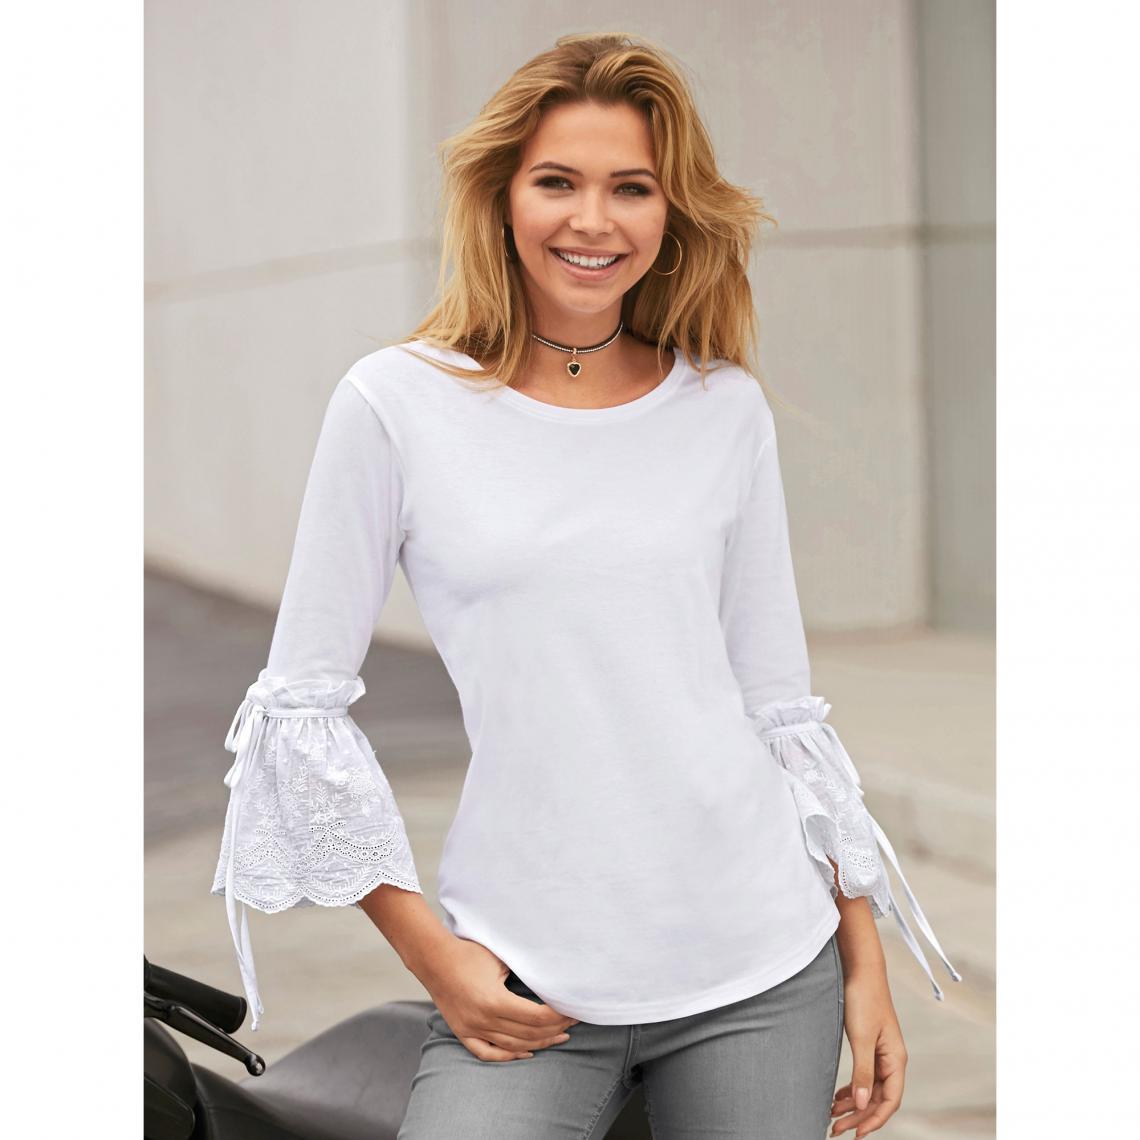 945e1f503c1 Tee-shirt manches longues avec volants en broderie suisse femme - Blanc 3  SUISSES Femme